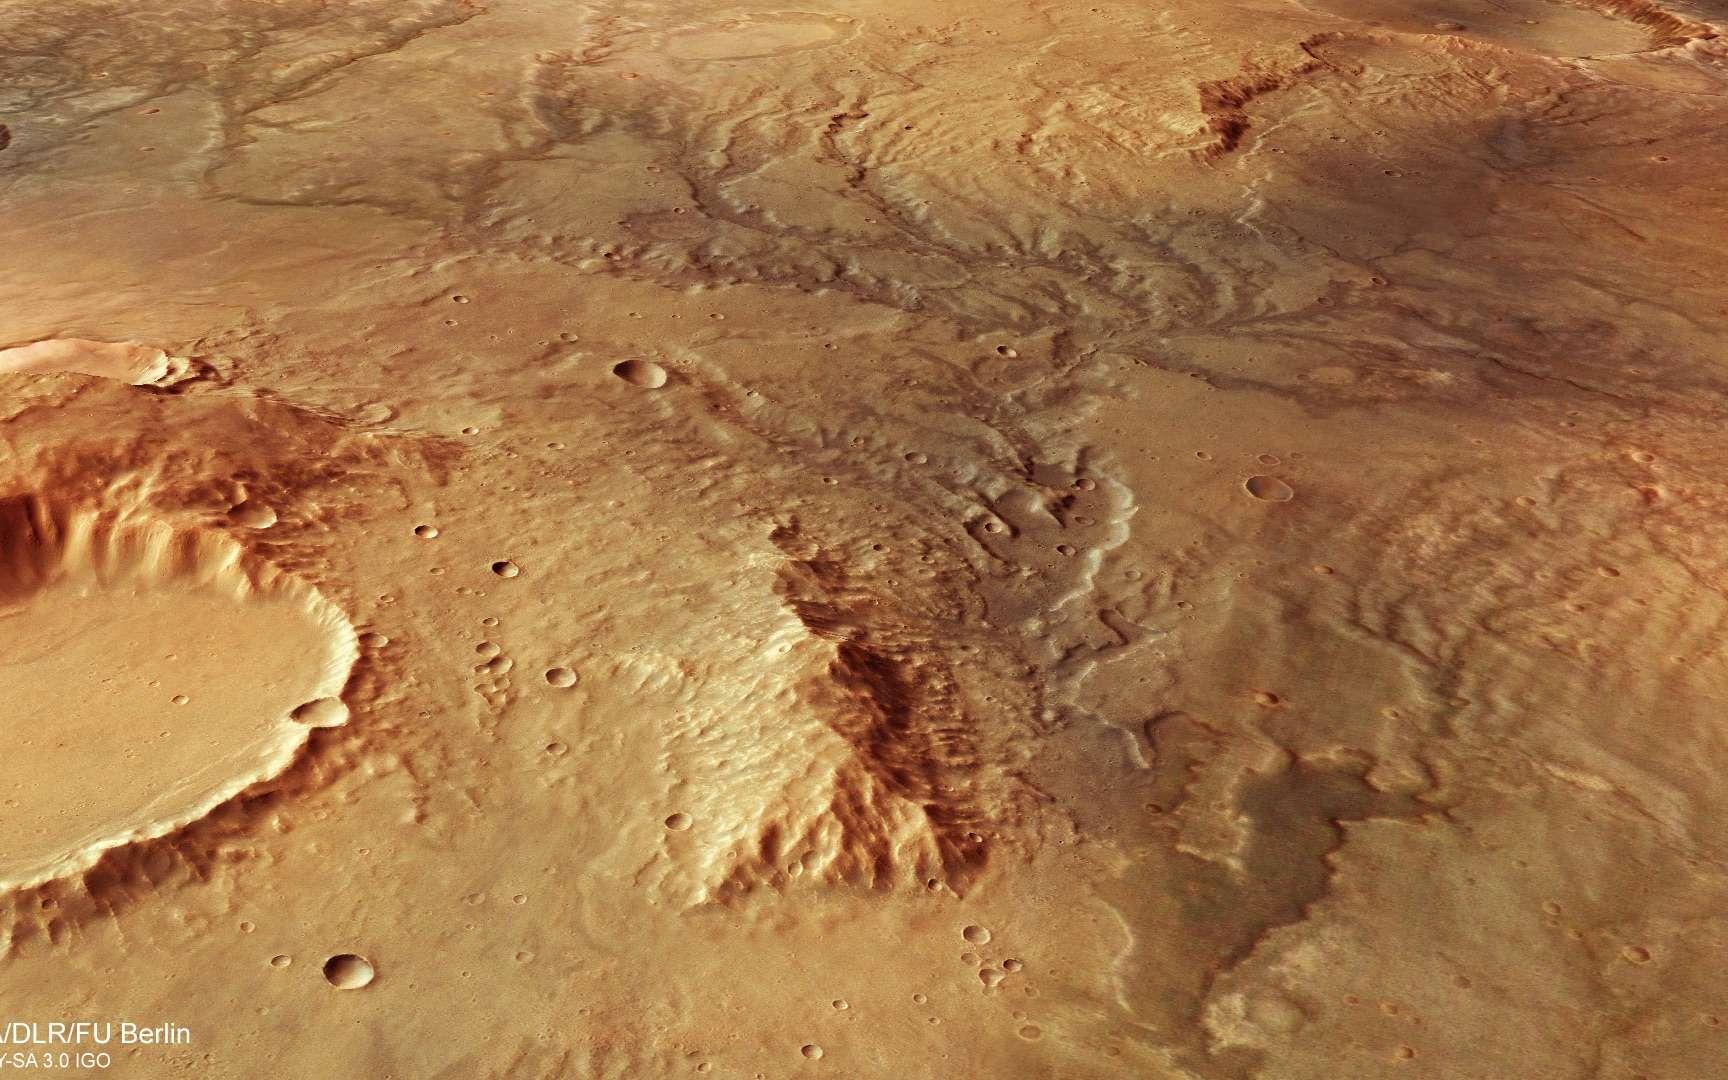 Un drone cartographie des grottes grâce au Lidar. Une prouesse qui pourrait être utile pour explorer les cavités de Mars. © ESA, DLR, FU Berlin, CC by-sa 3.0 IGO